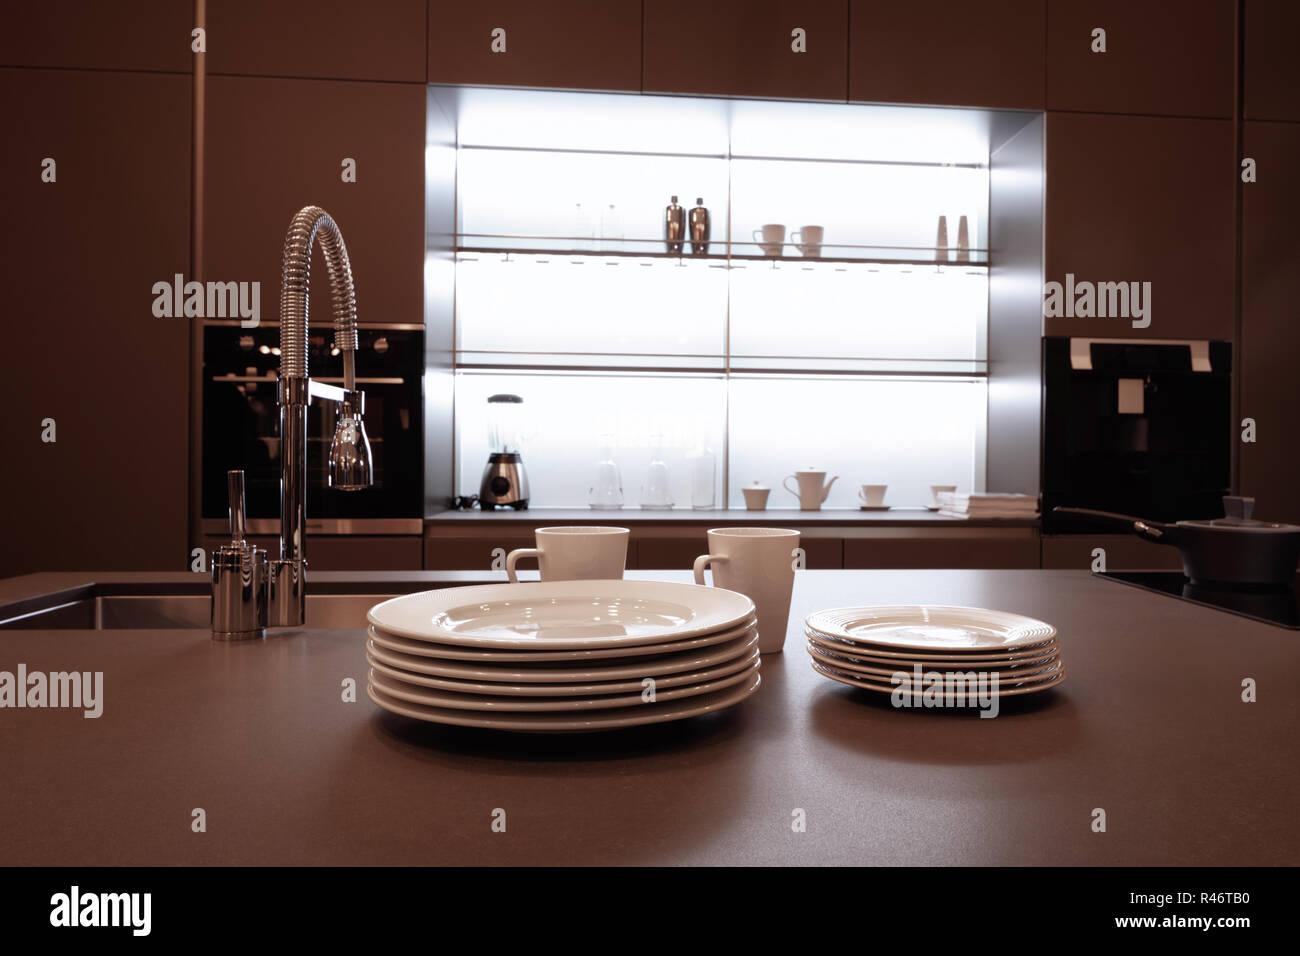 Moderne High Tech Kuche Interieur In Dunklen Brauntonen Mit Einem